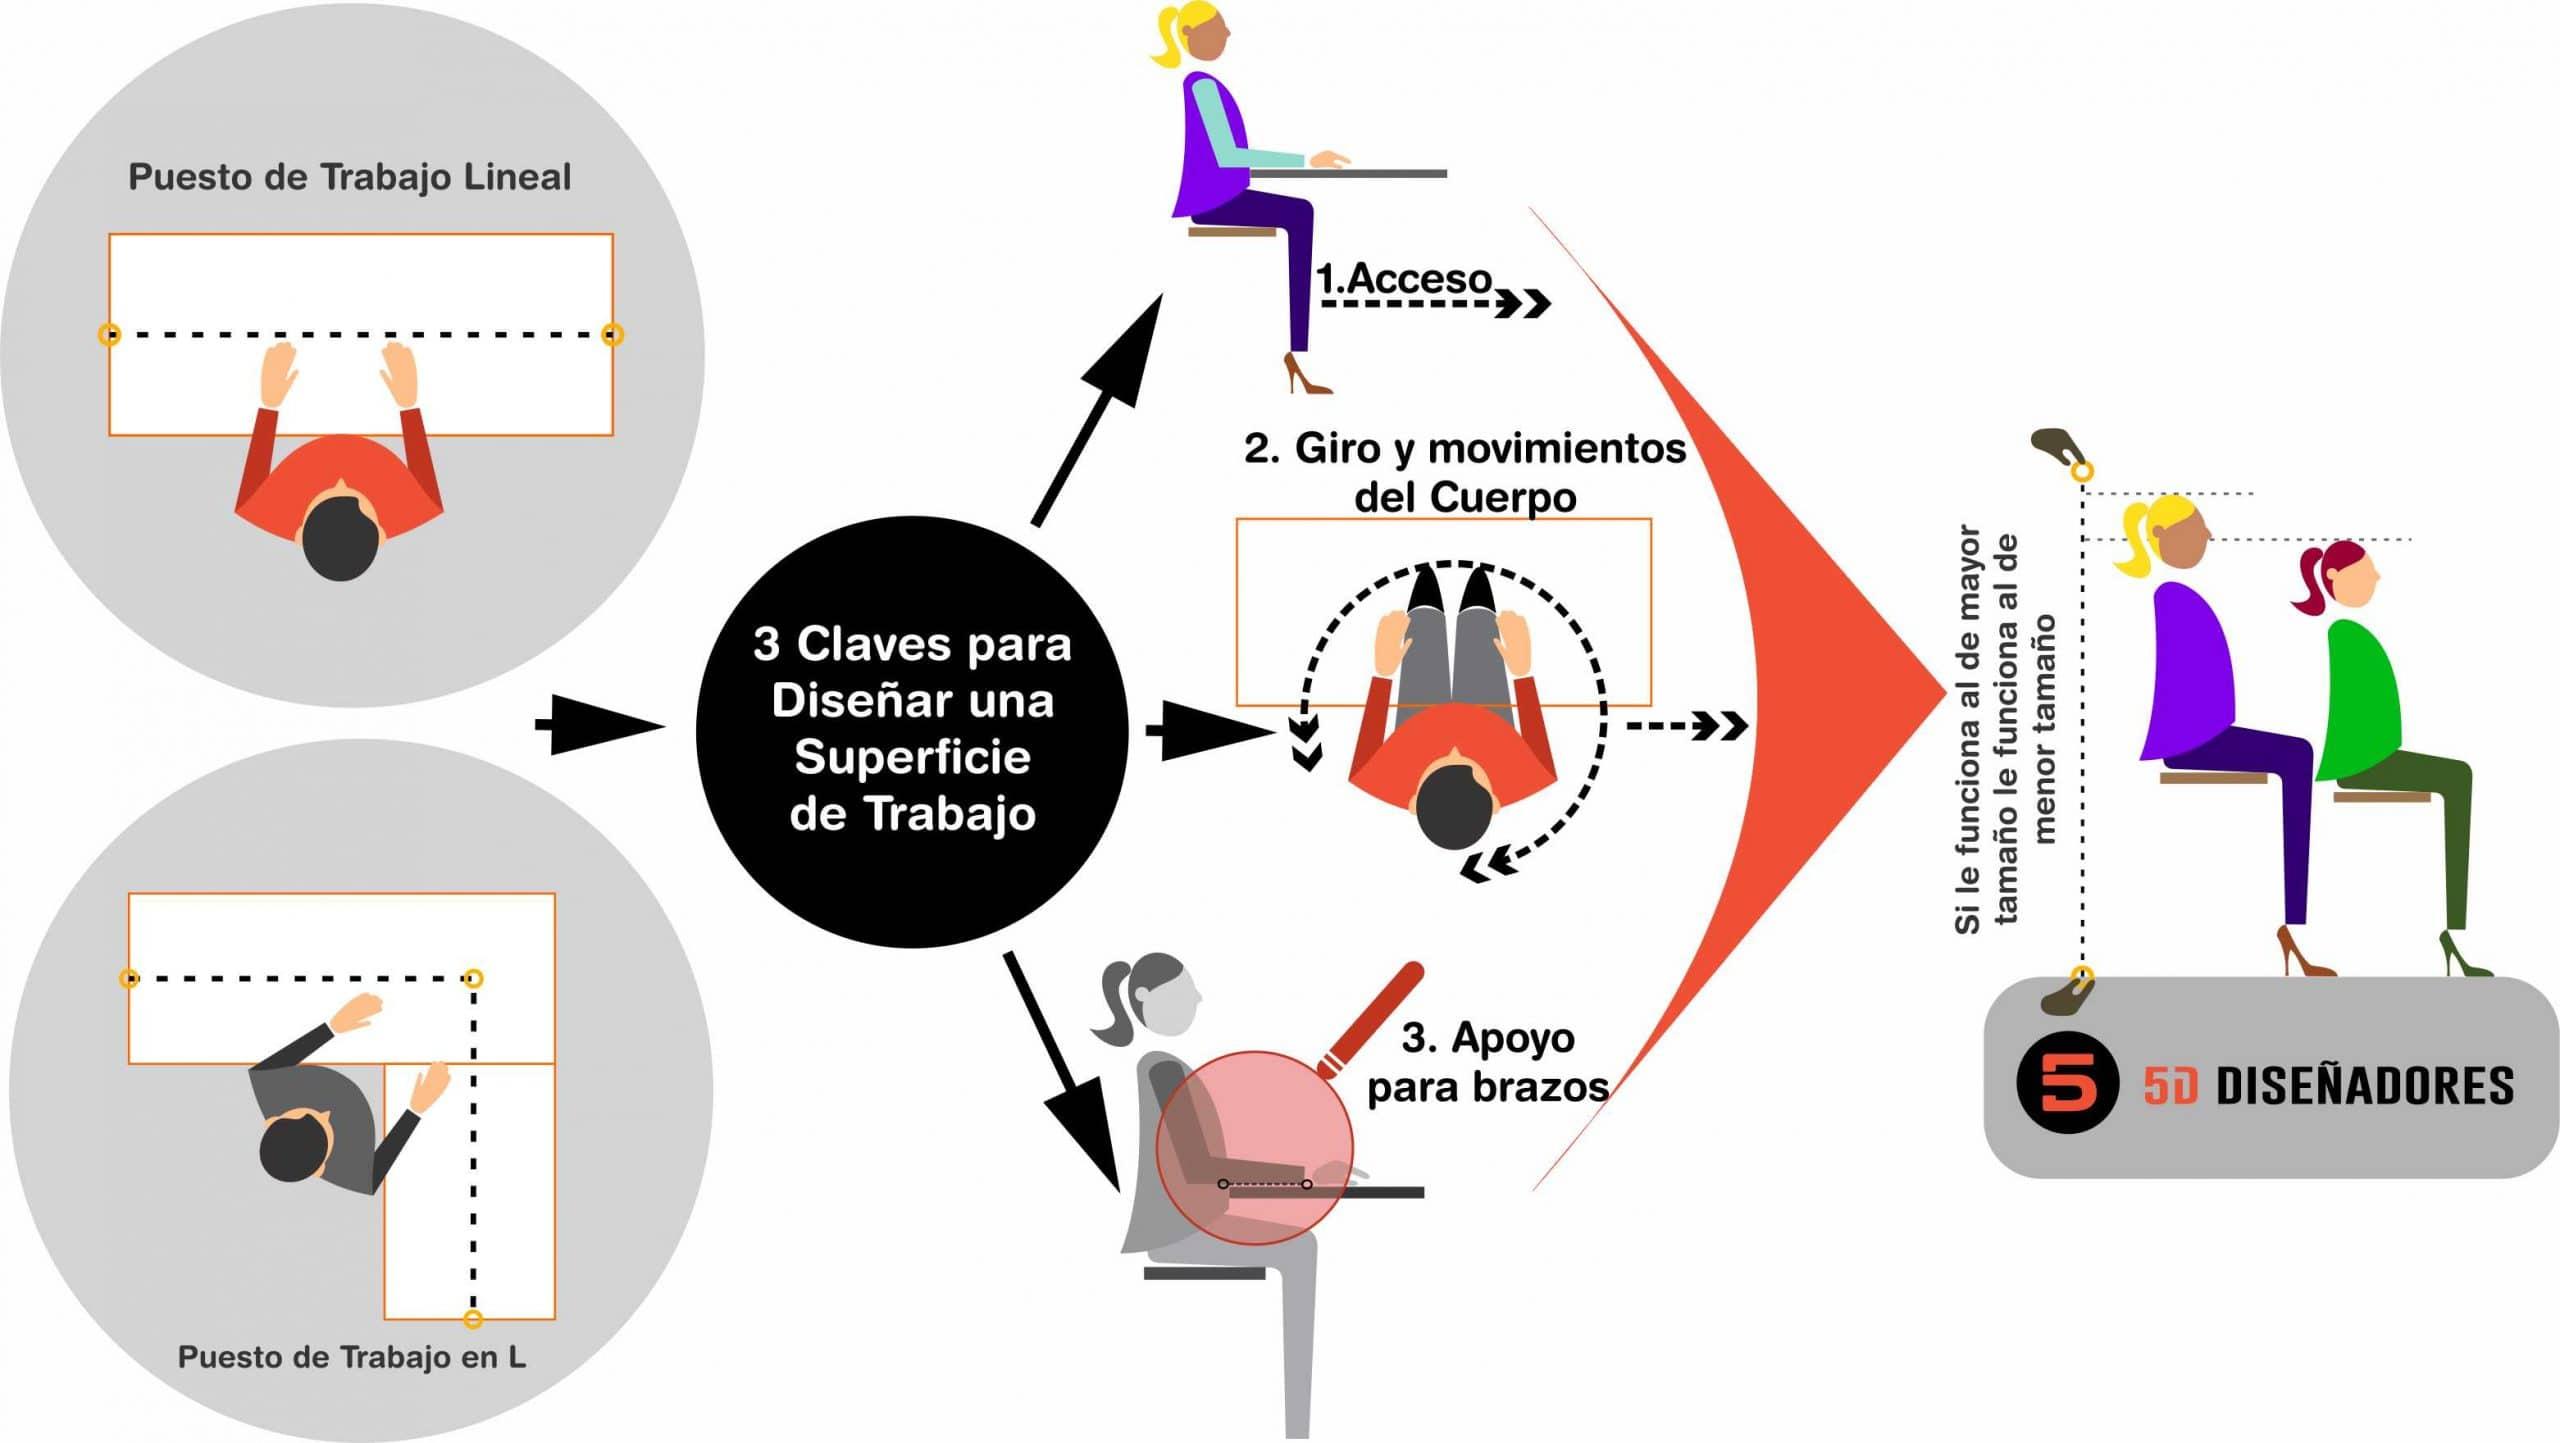 Imagen de la ergonomía y antropometría aplicada a los espacios de trabajo